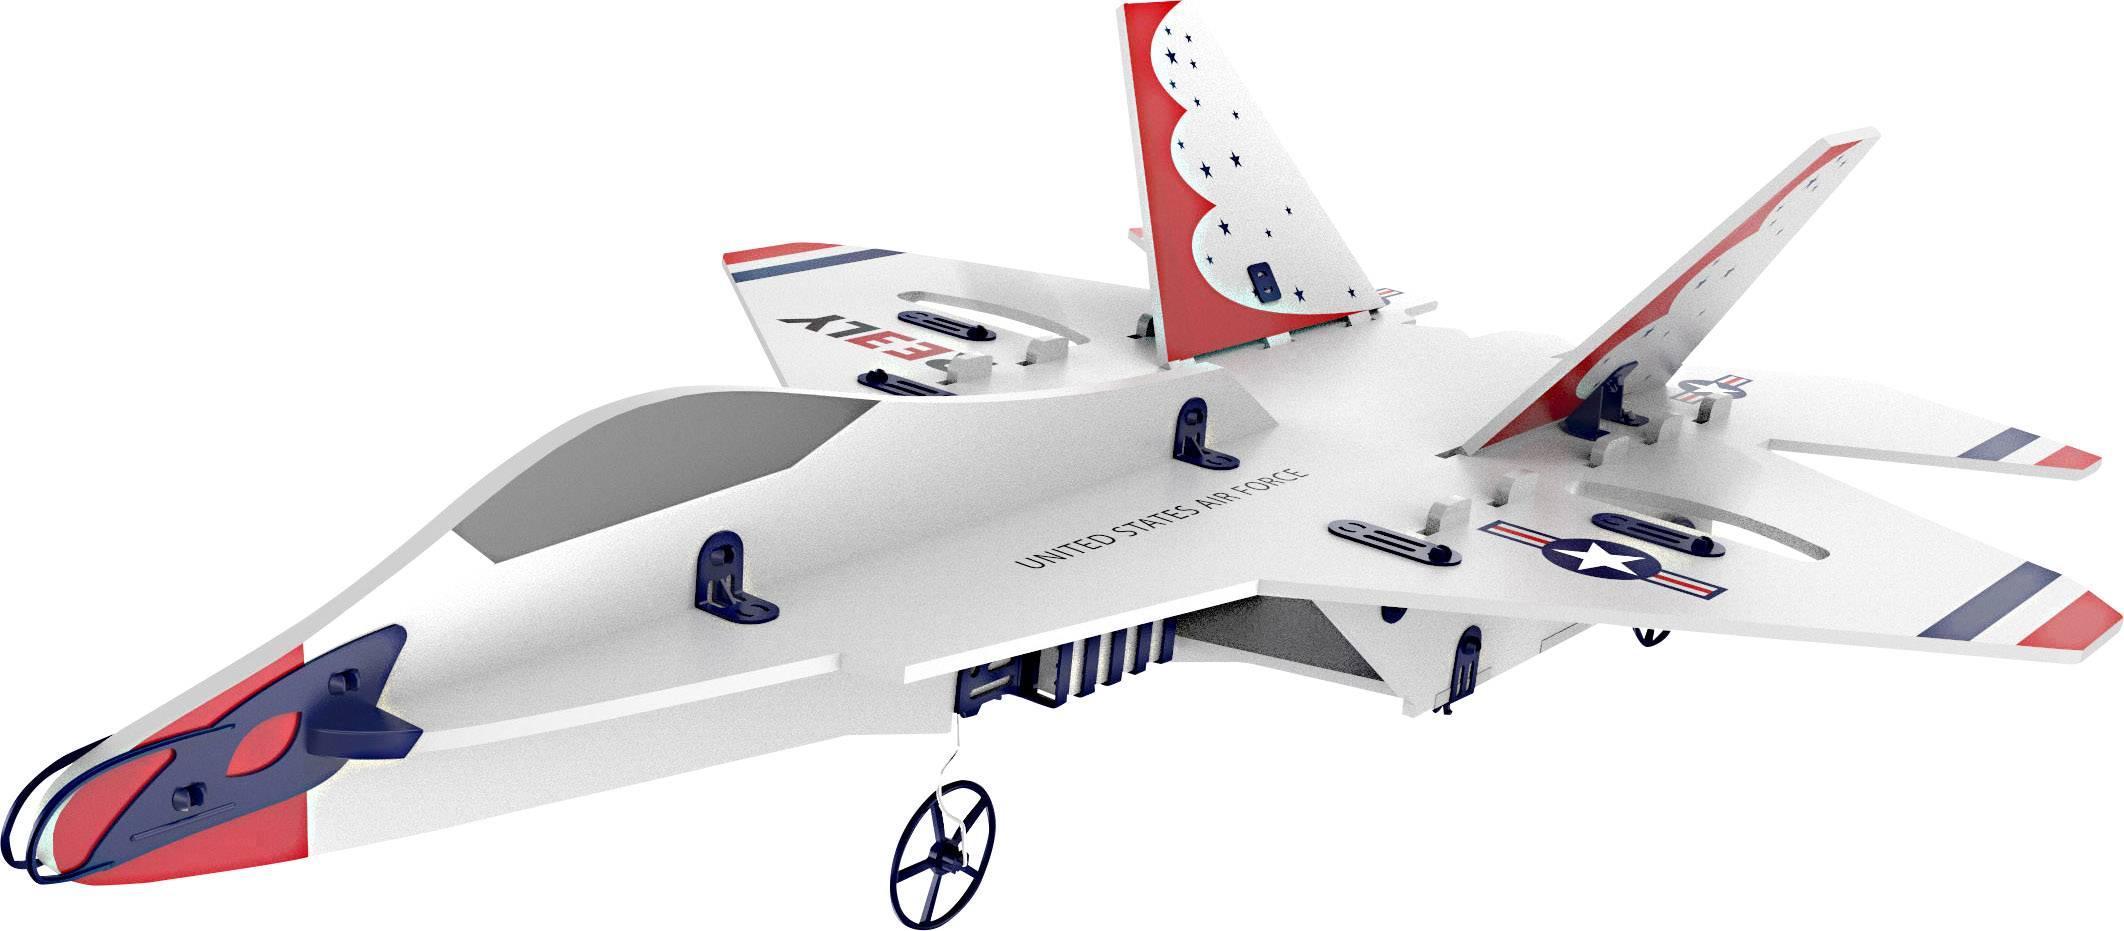 Model letadla pro začátečníky Reely F-22 DIY, RtF, 350 mm